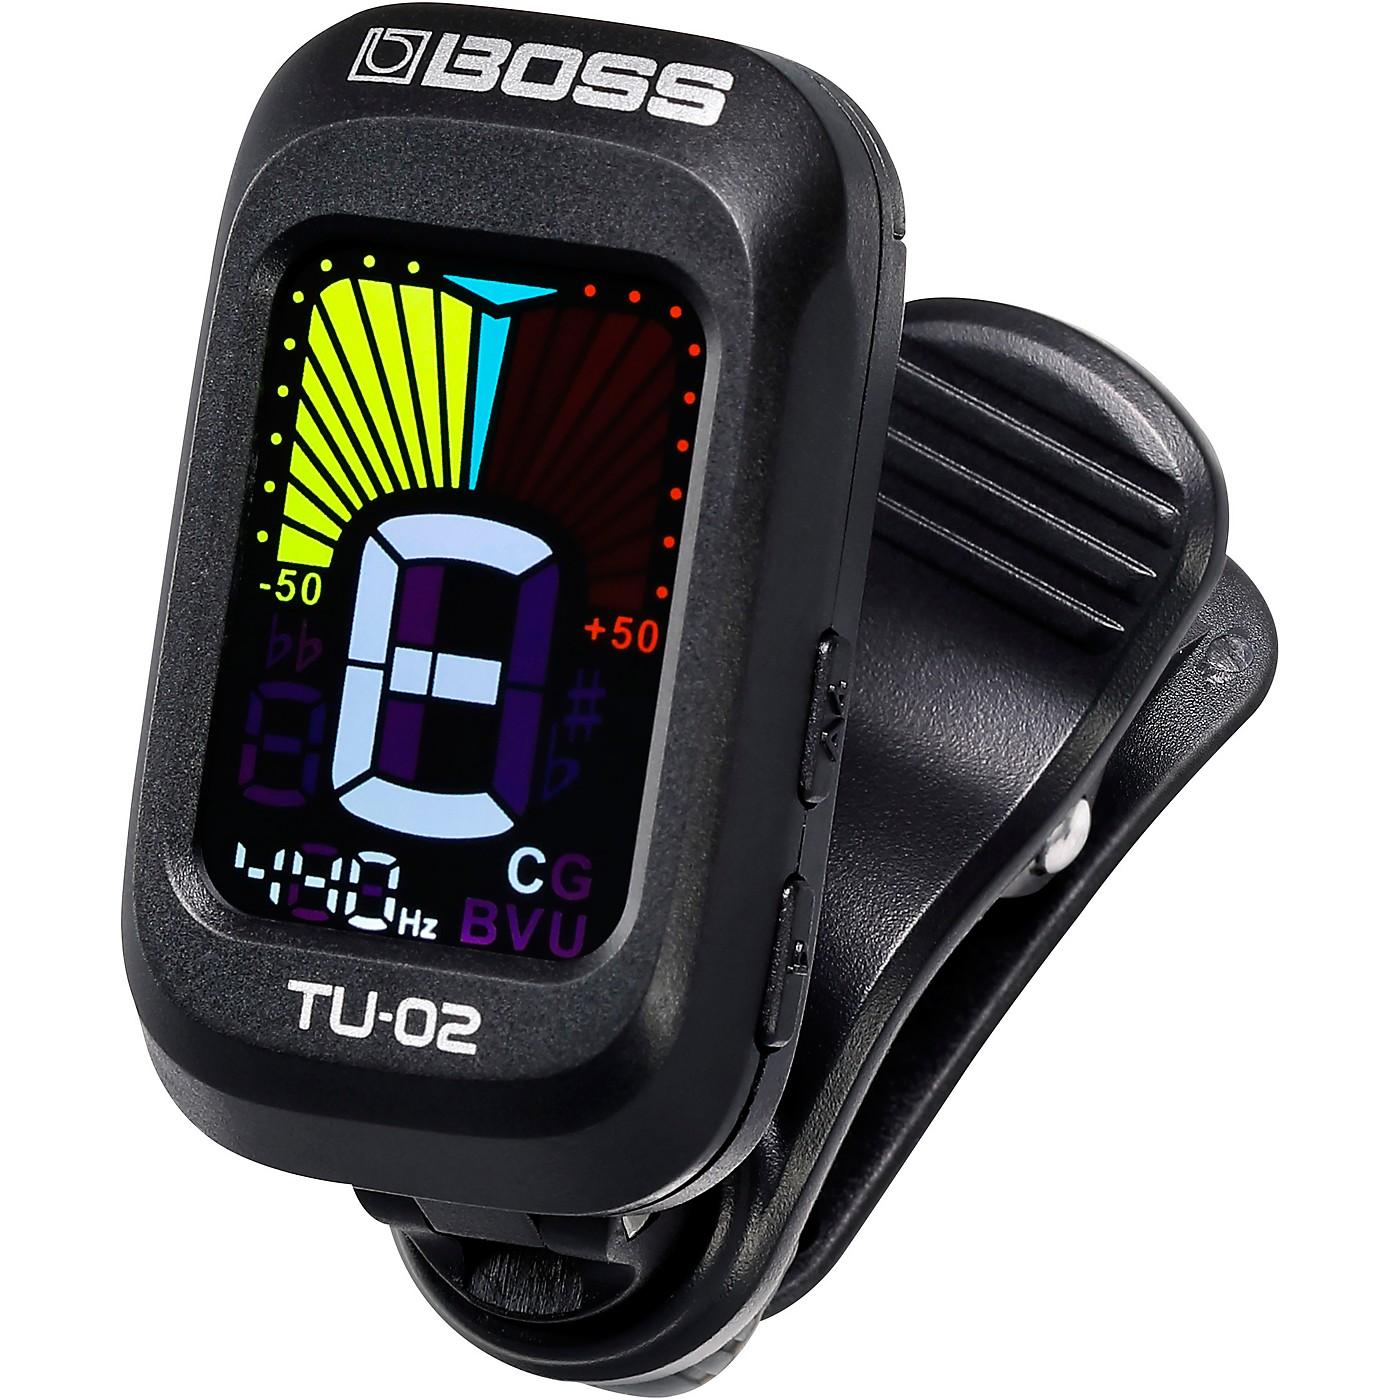 BOSS TU-02 Clip on Tuner thumbnail